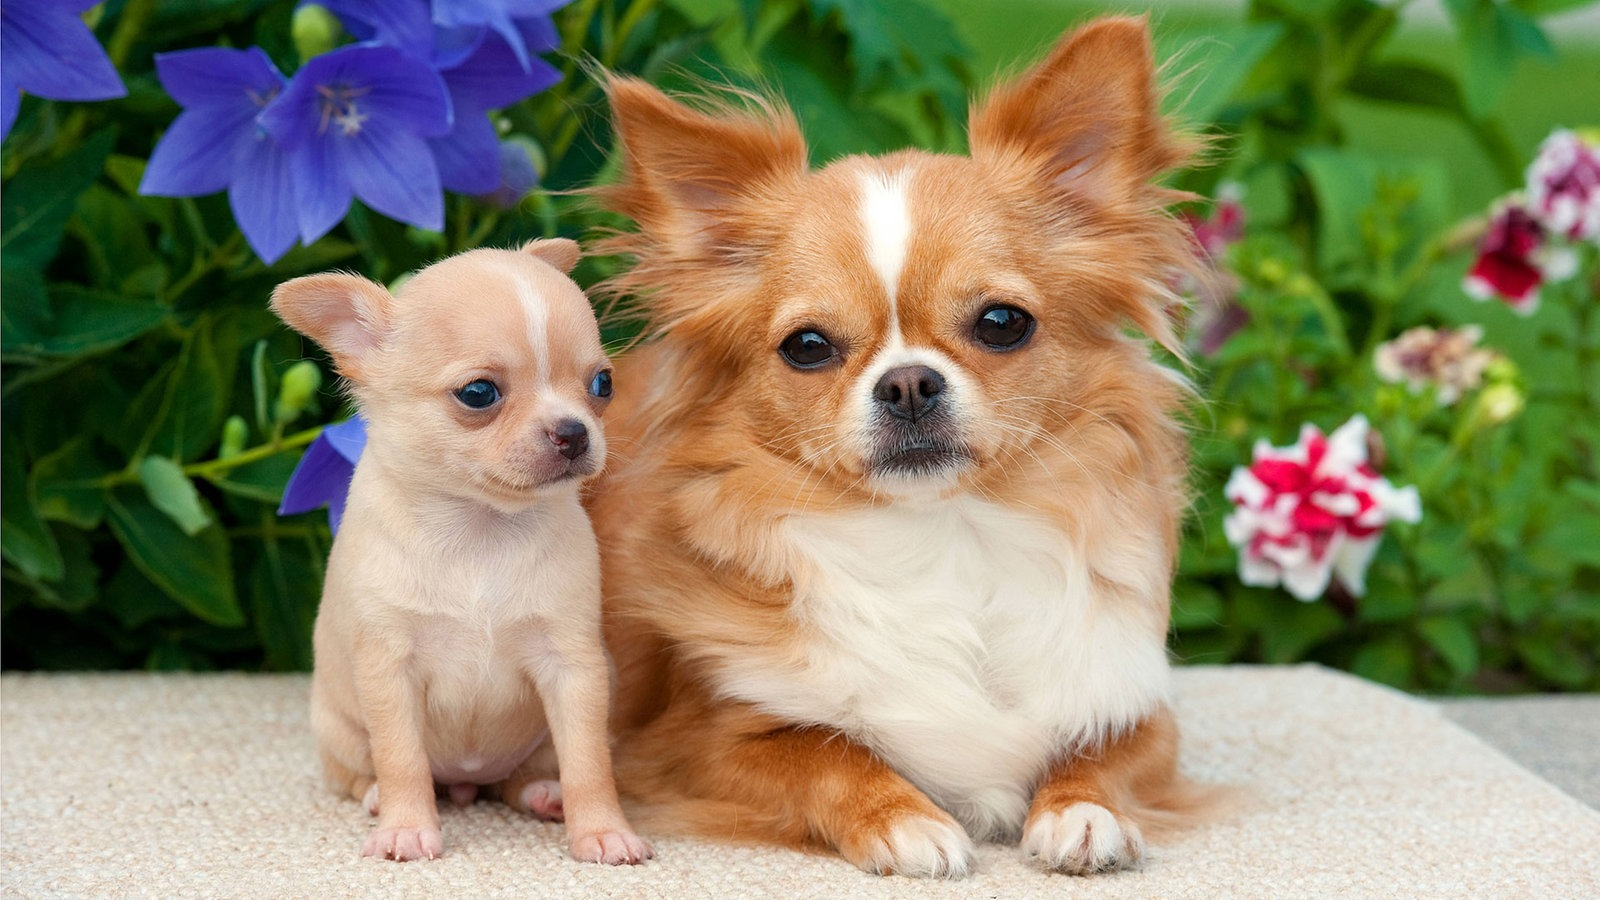 Zehn dinge die kleine hunde nicht mögen tiere suchen